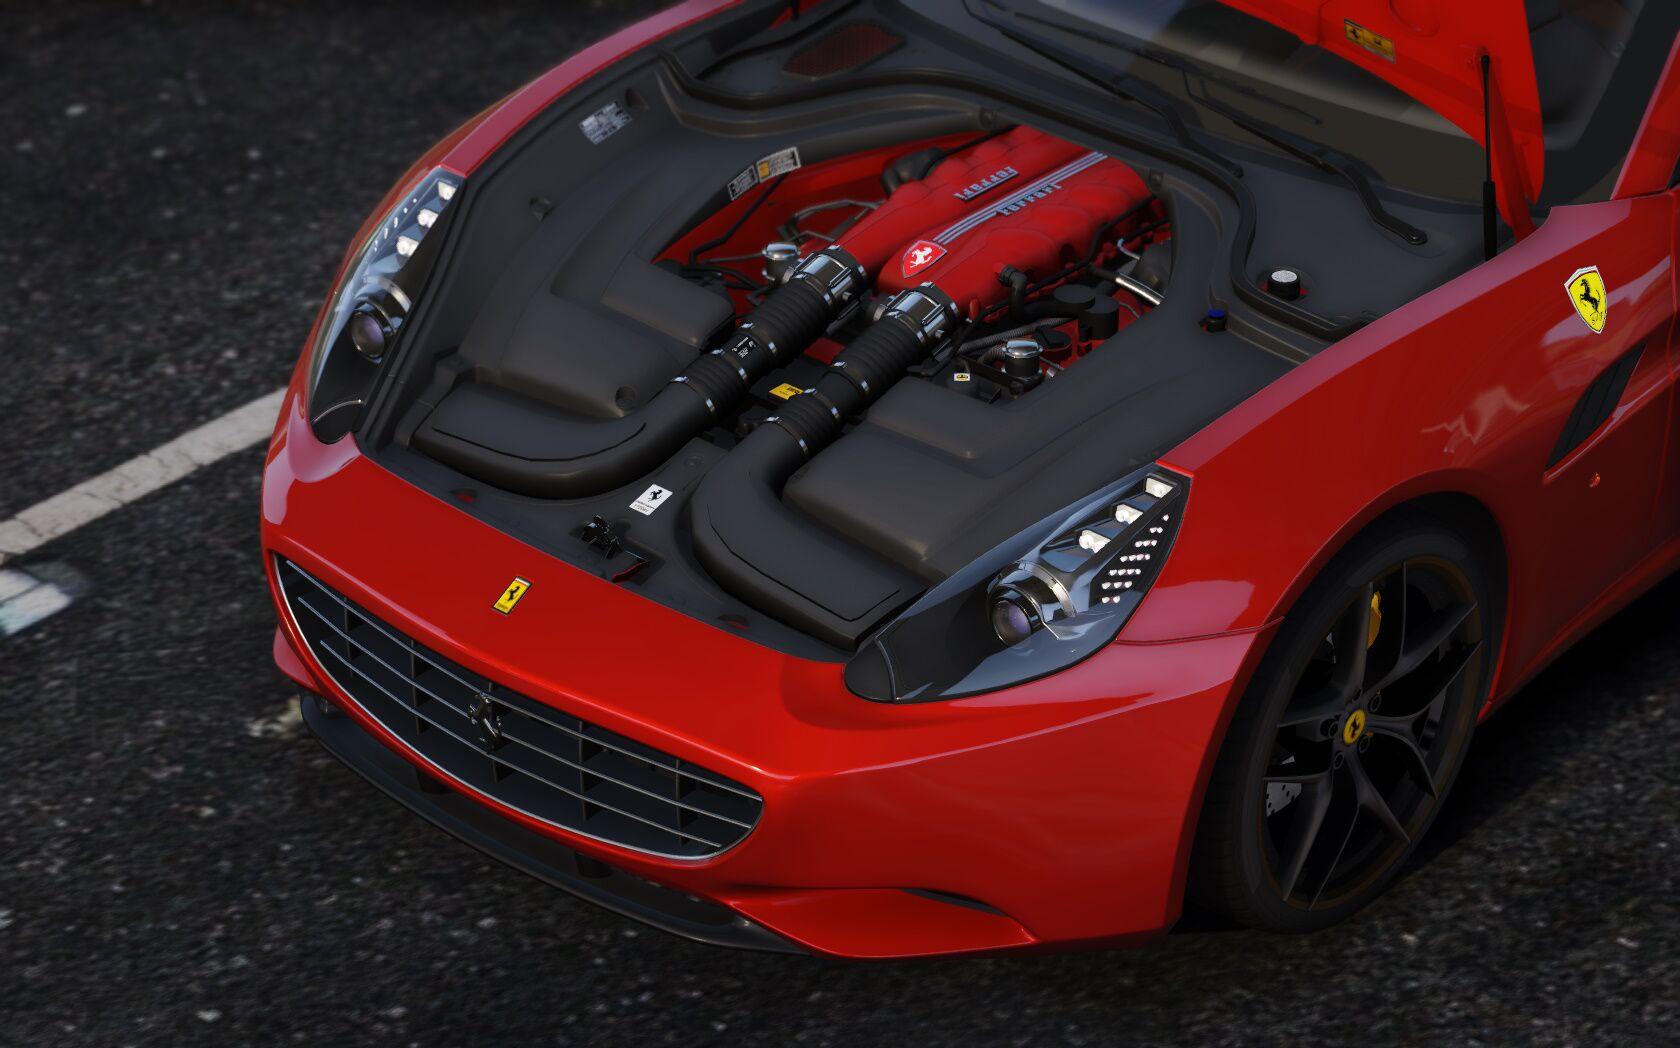 2013 Ferrari California Automatic Convertible - GTA5 ...